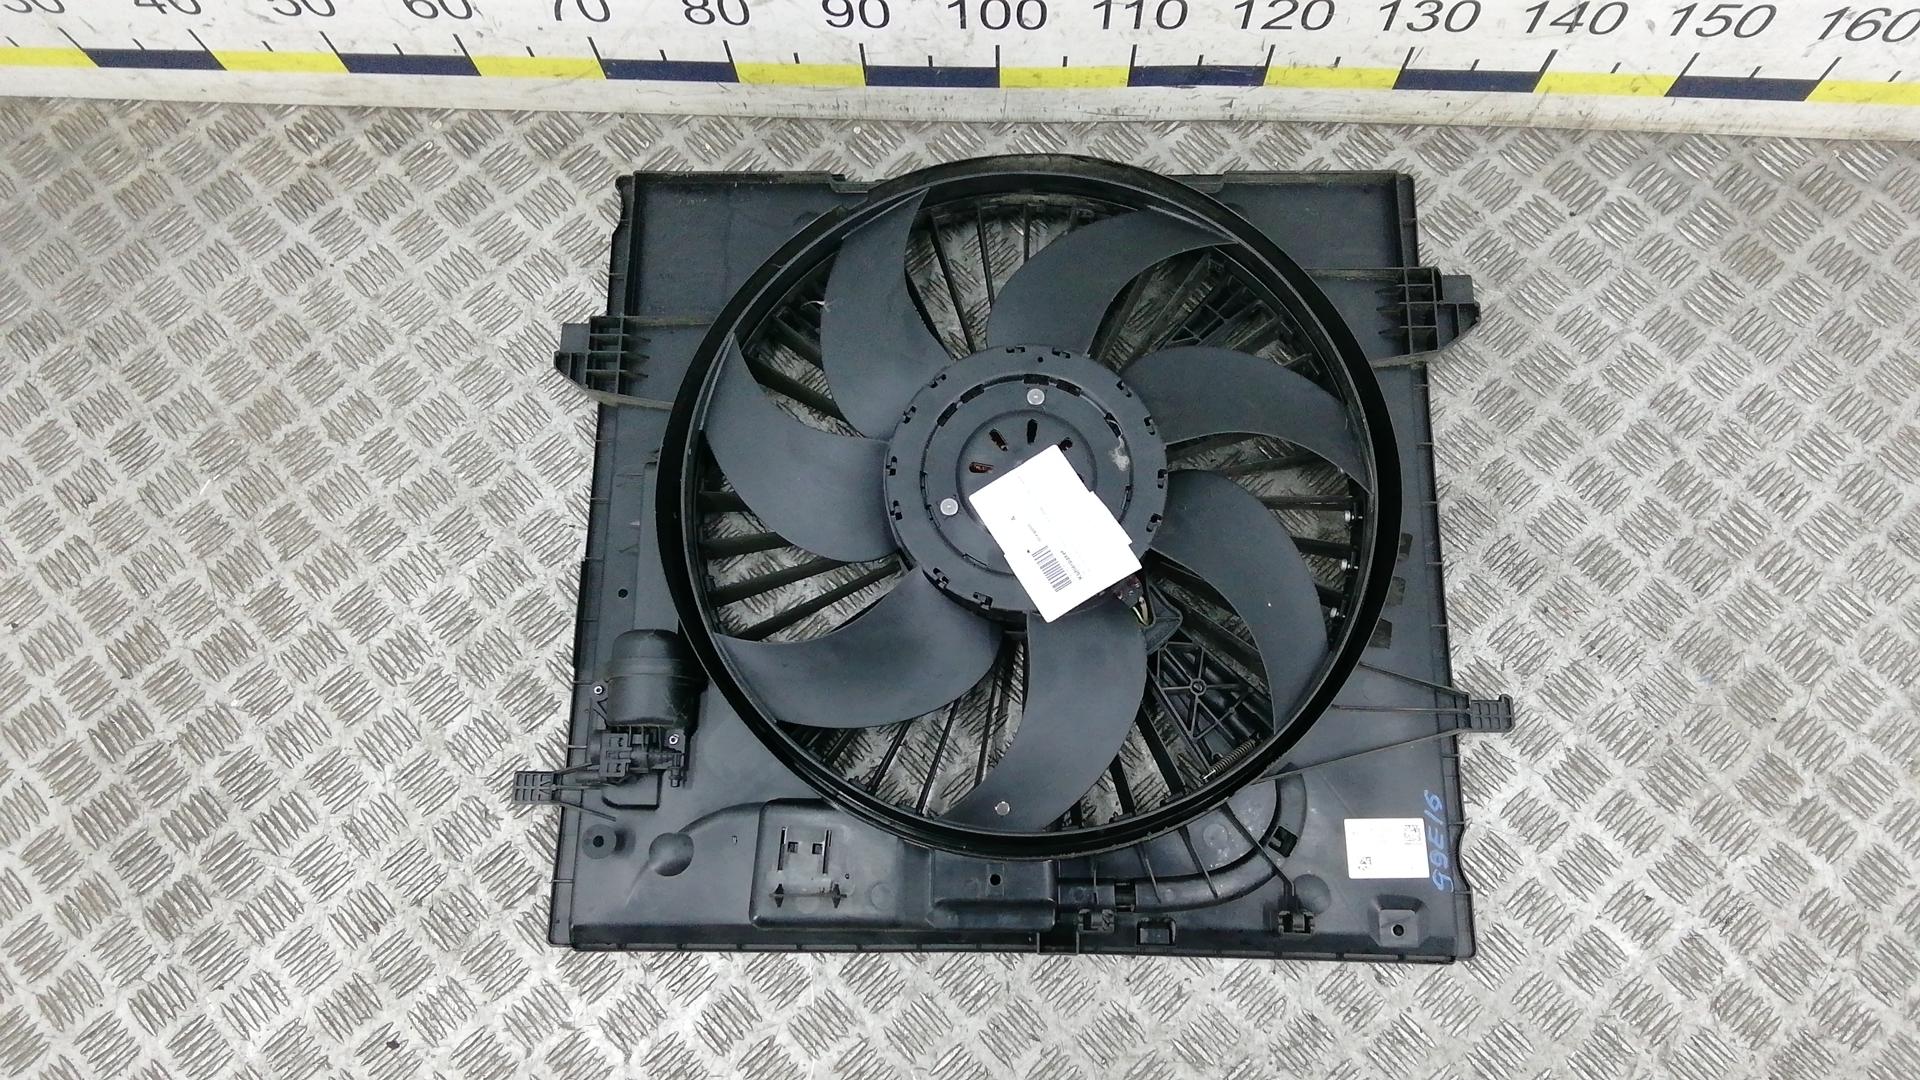 Вентилятор радиатора, MERCEDES BENZ, GLE W166, 2015